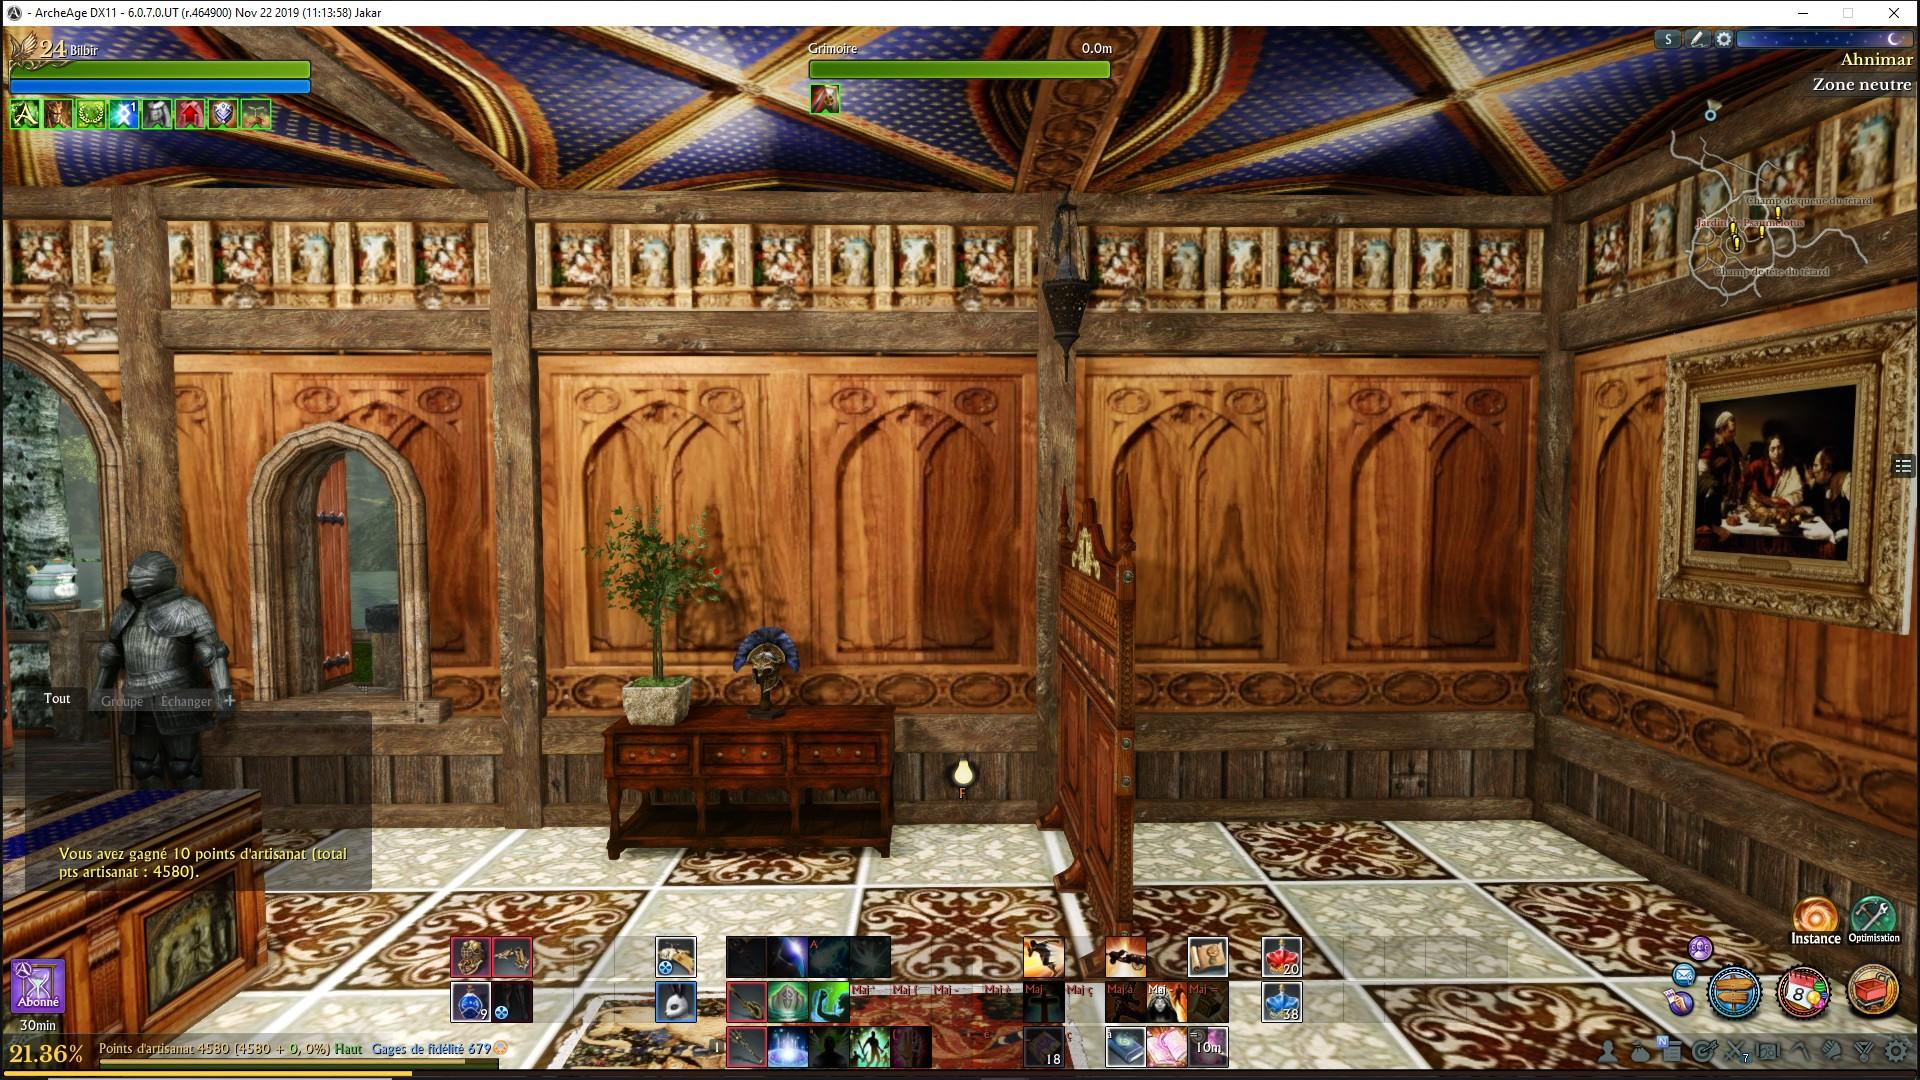 Mur Renaissance avec fresque